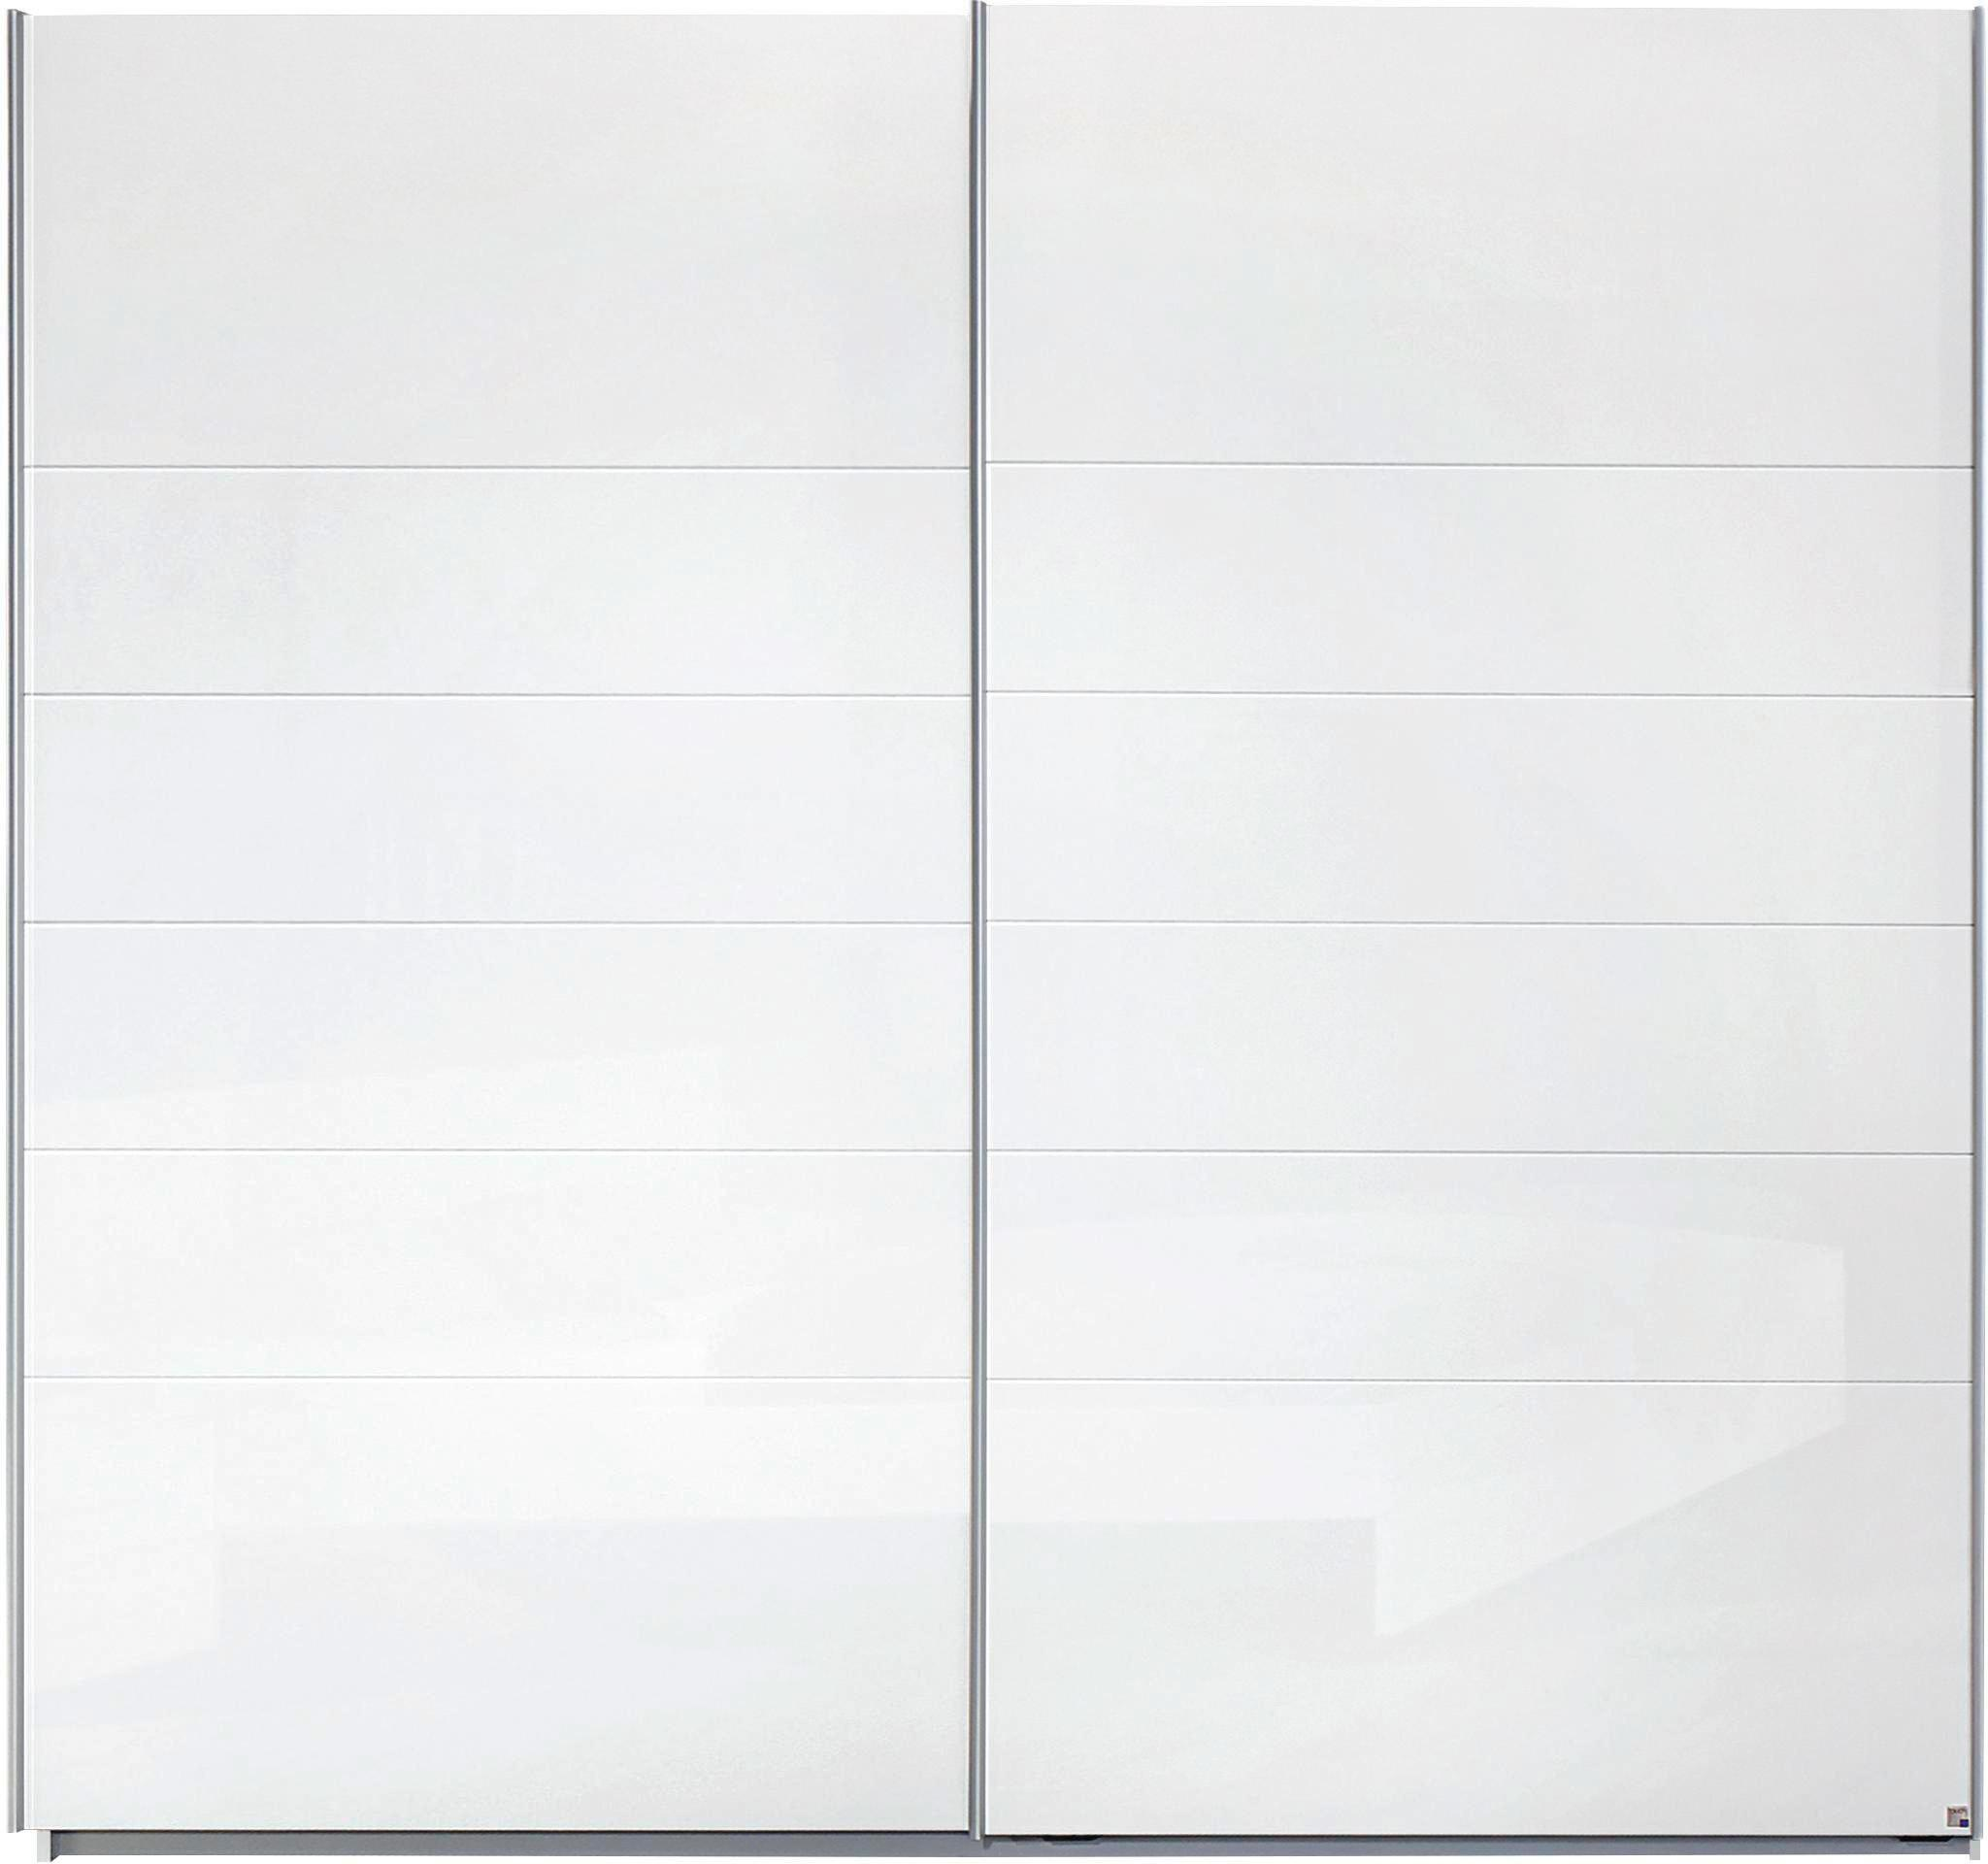 Schwebetürenschrank in Weiß, 2-türig - Alufarben, MODERN, Holzwerkstoff/Metall (225/210/62cm) - MODERN LIVING